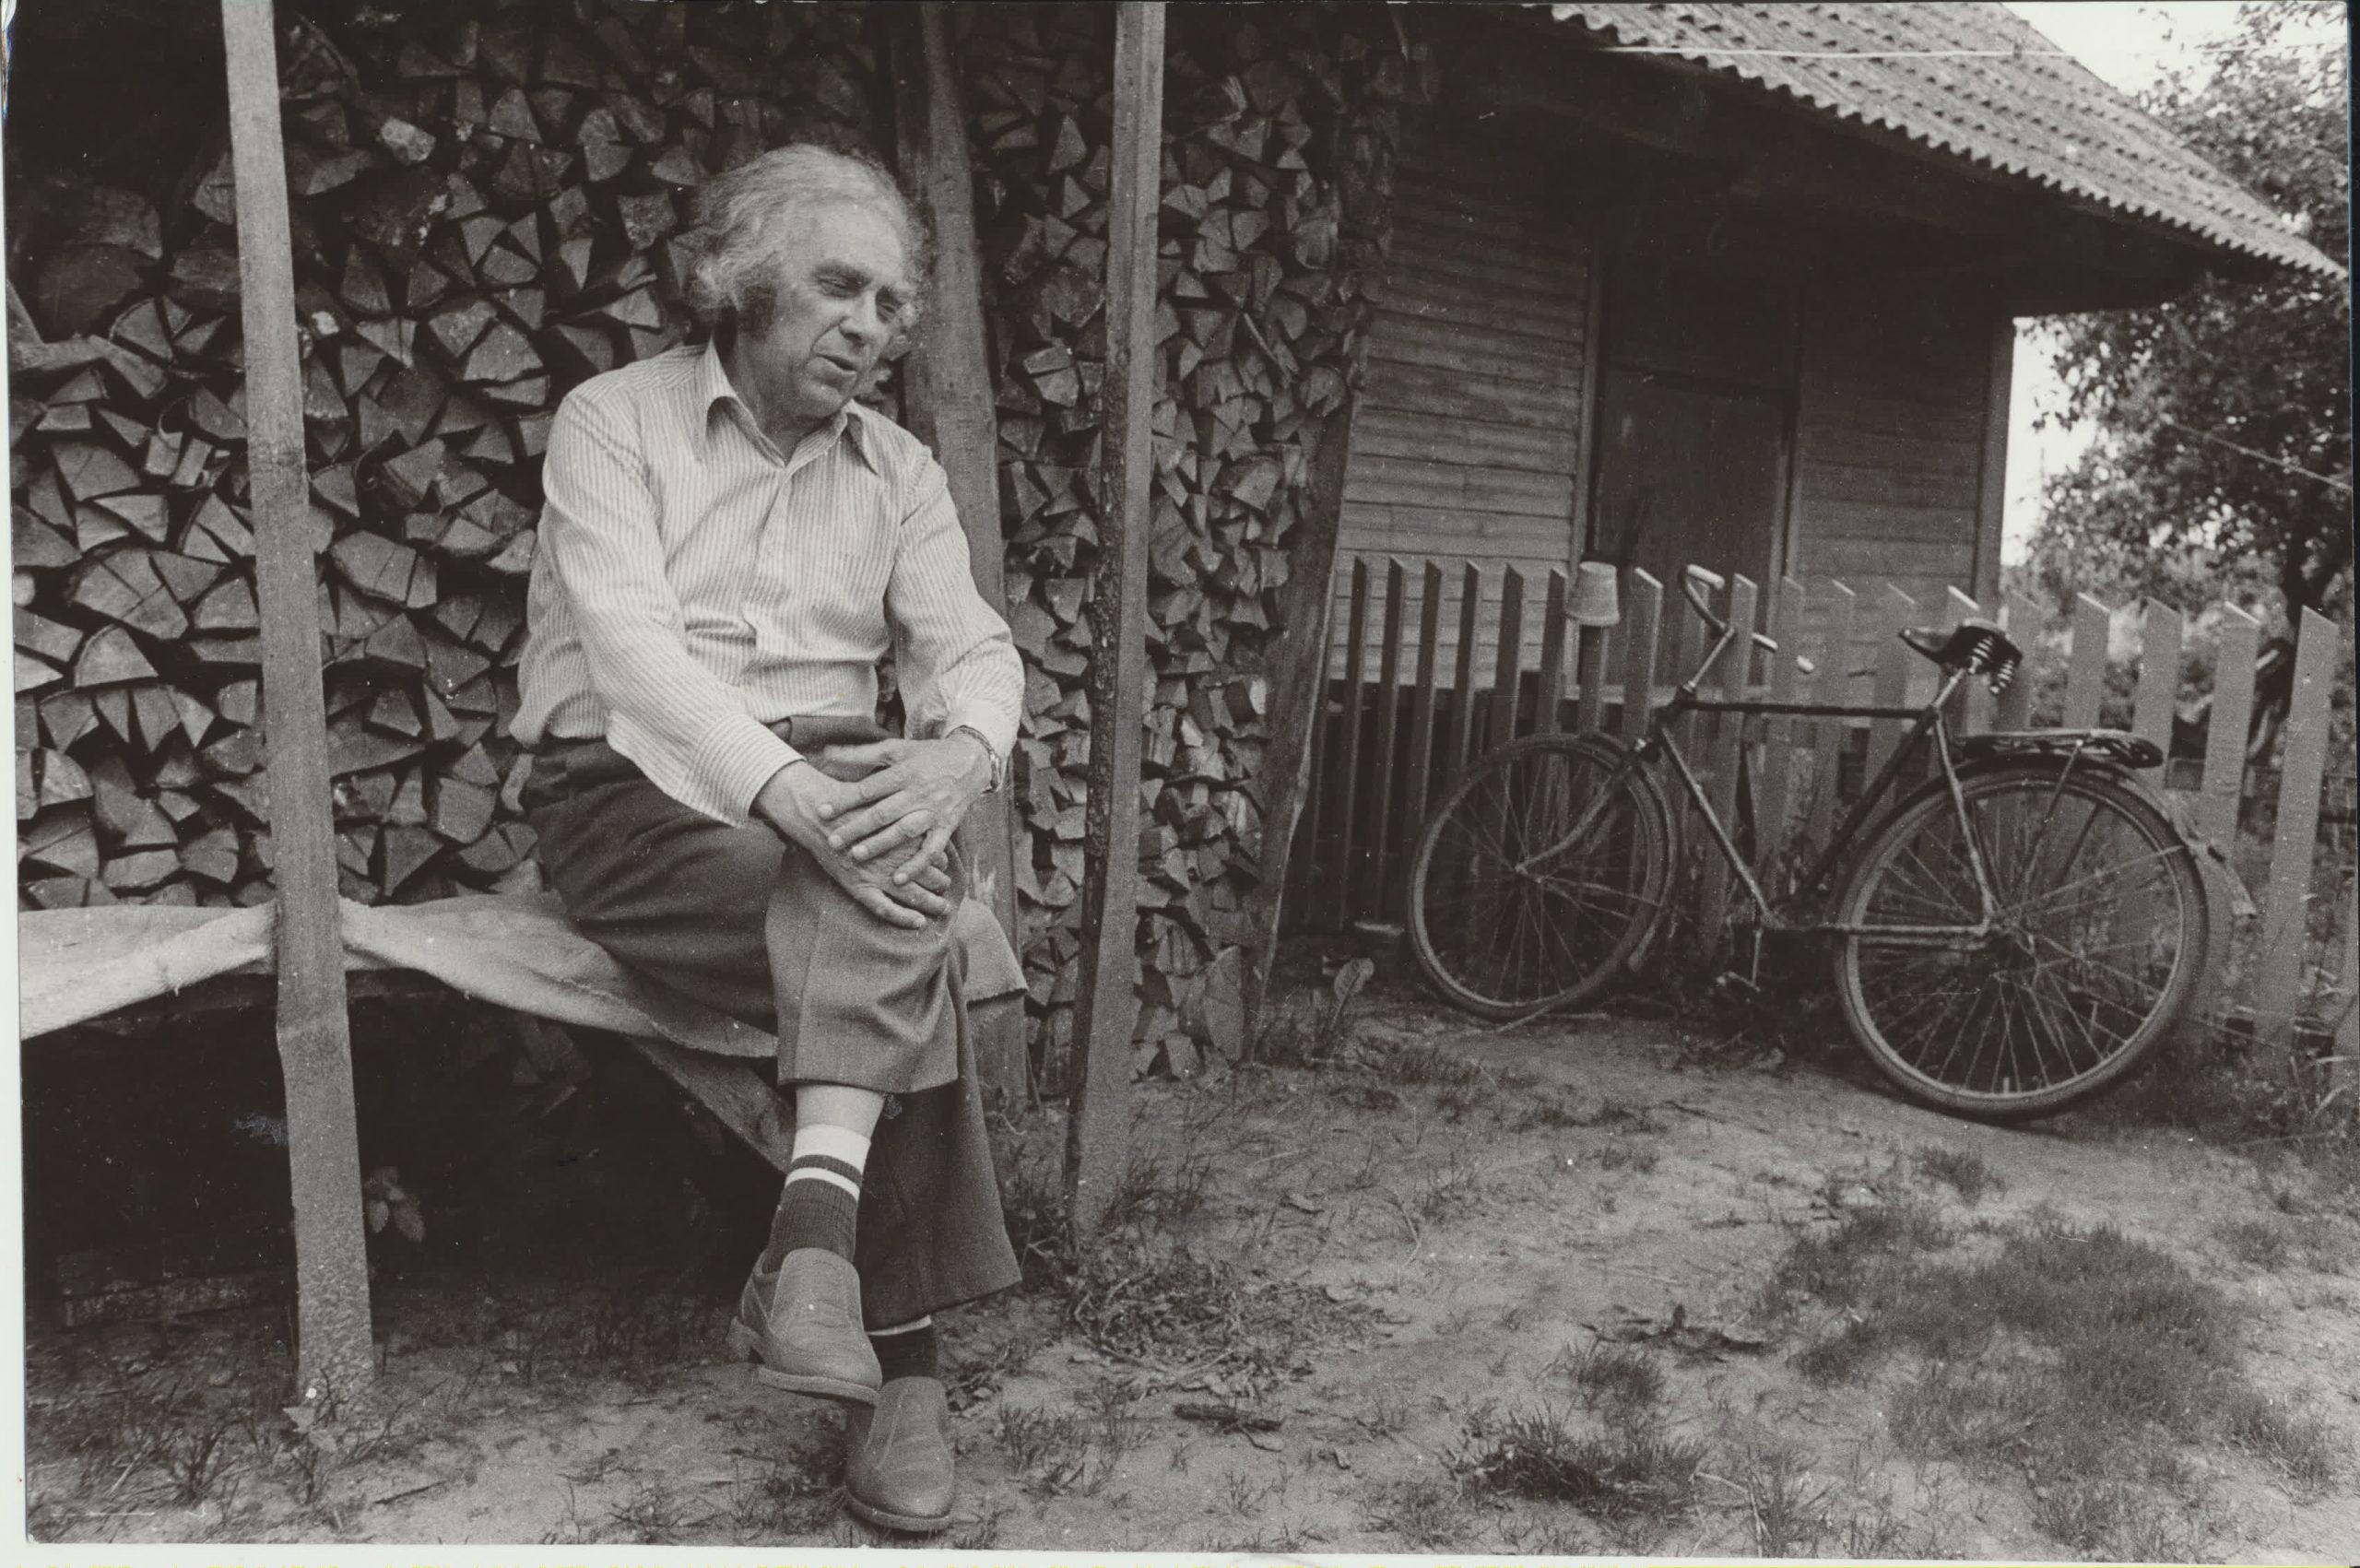 Gimtuosiuose Kuršėnuose, kurie vaikystėje atstojo visą pasaulį. Vėliau gimtojo namo nebeliko, jį pasiglemžė laikas. 1987 m. R. Rakausko nuotrauka